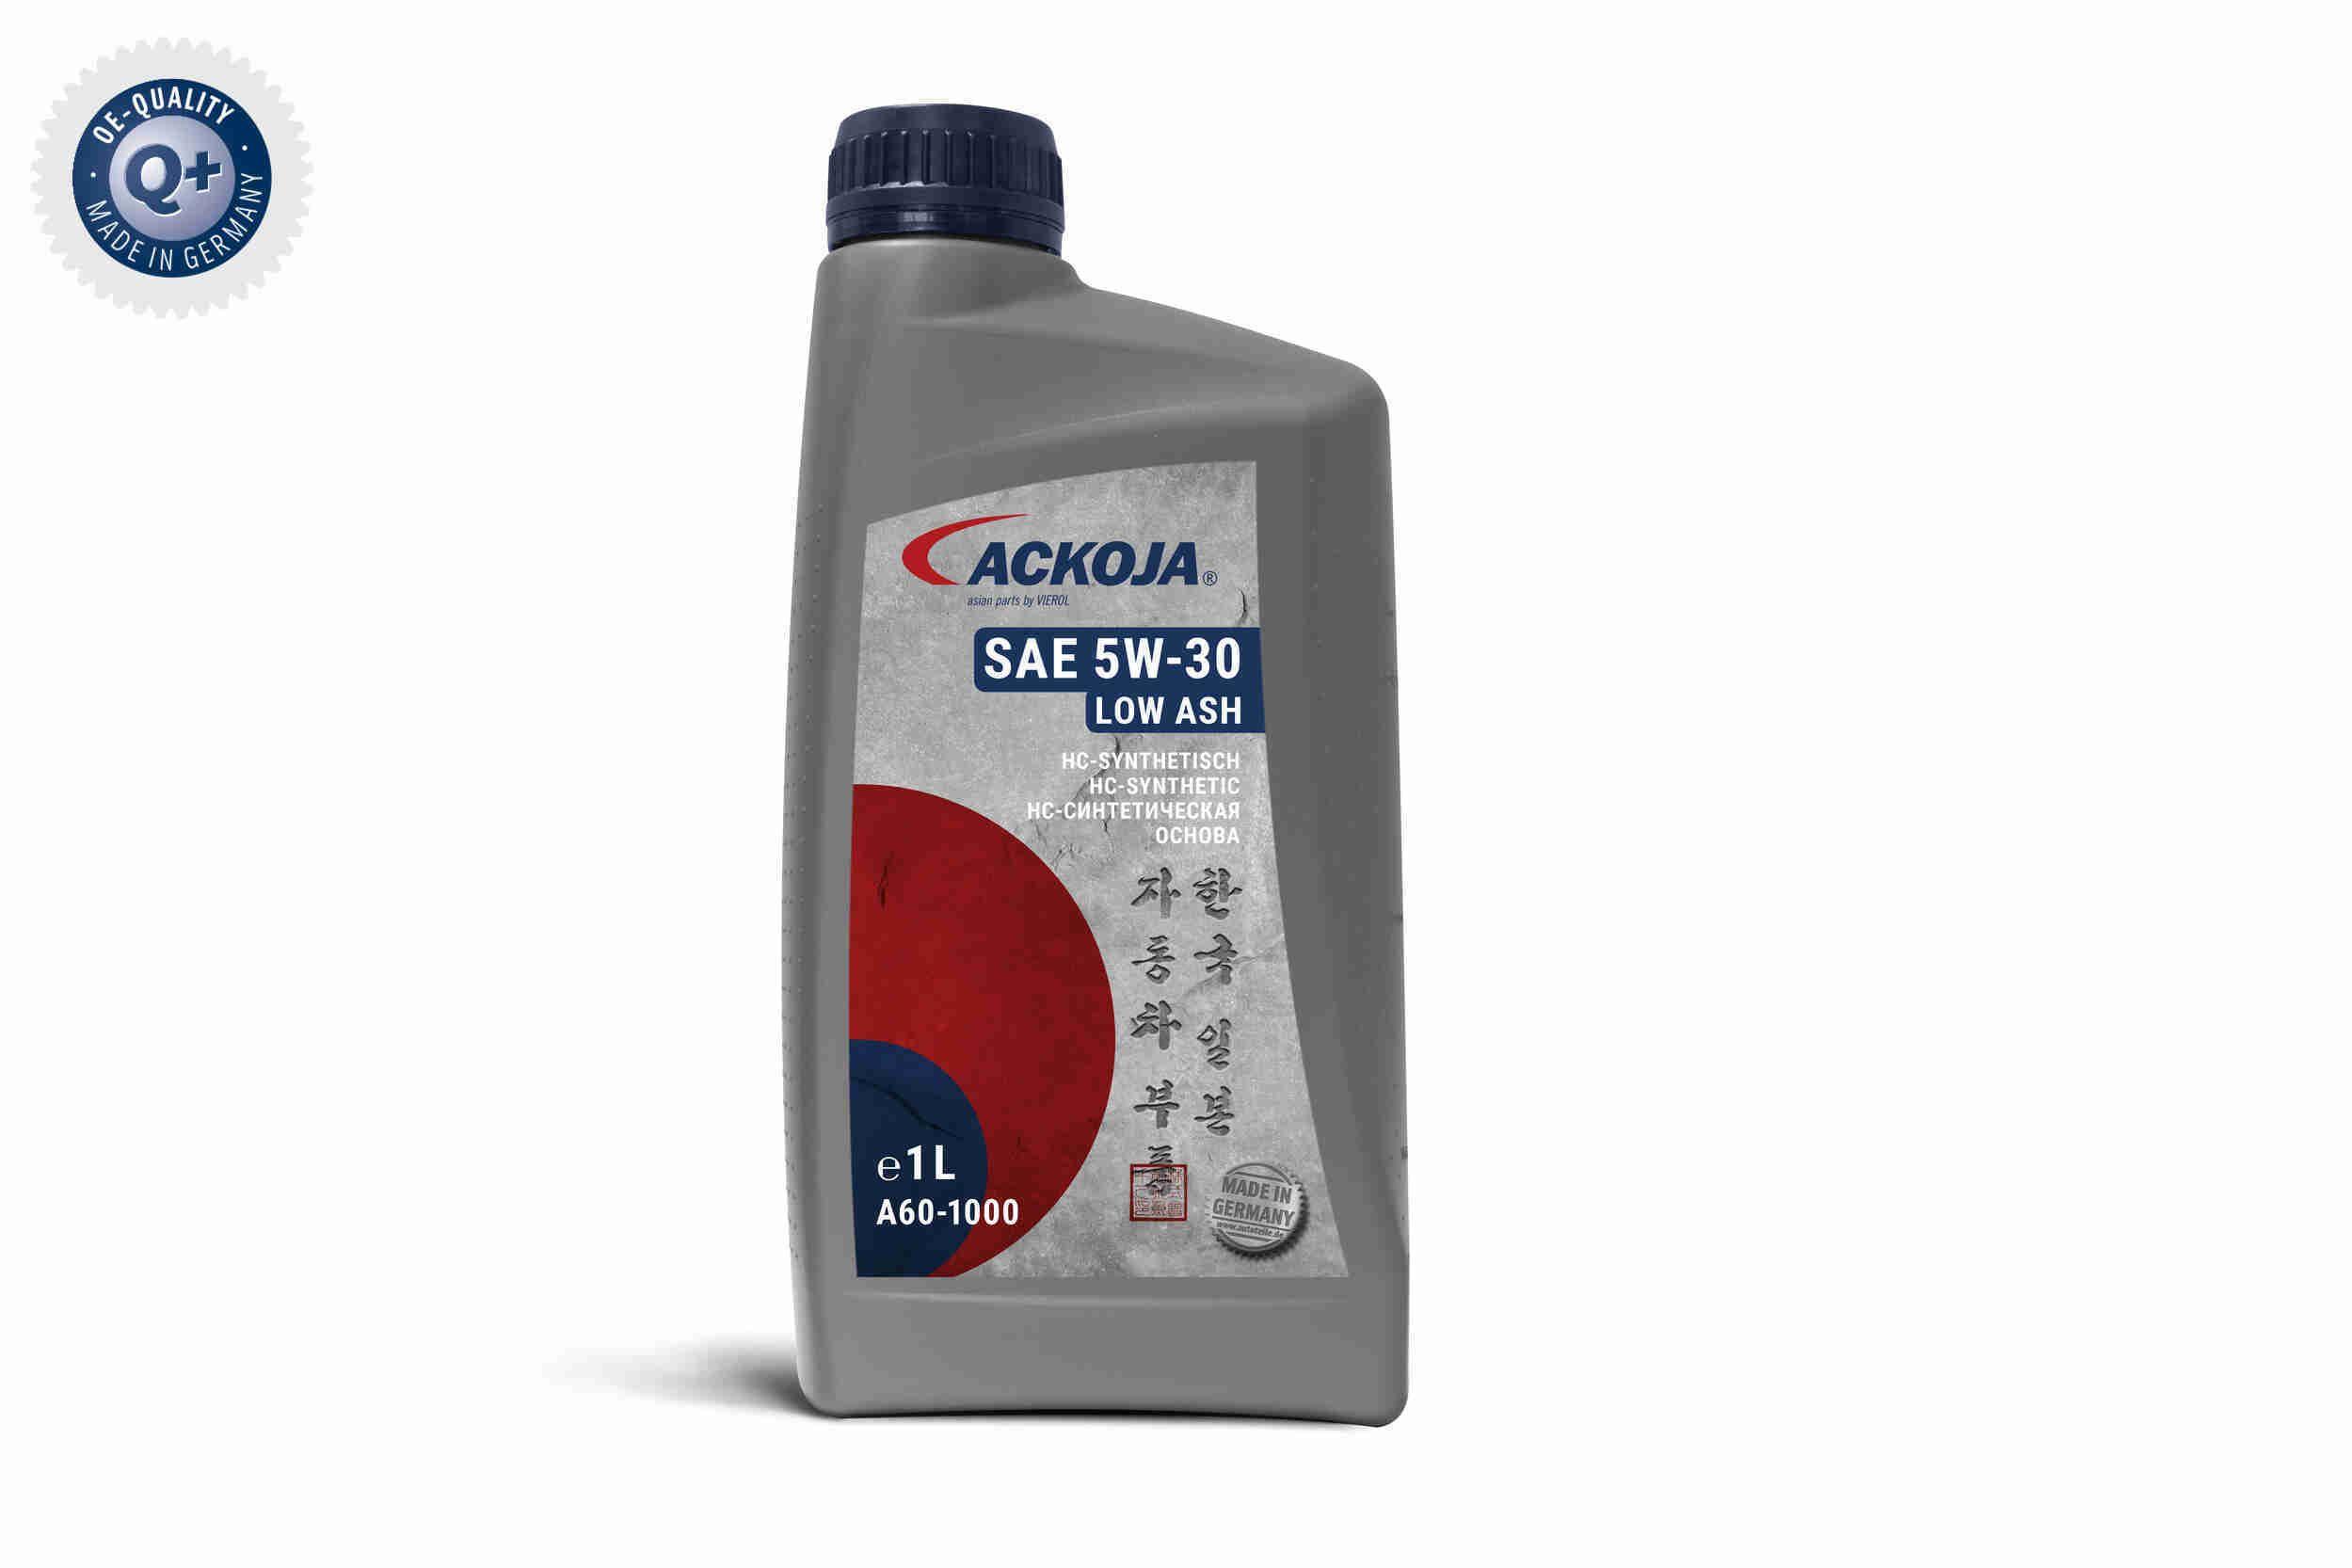 Motoröl ACKOJA A60-1000